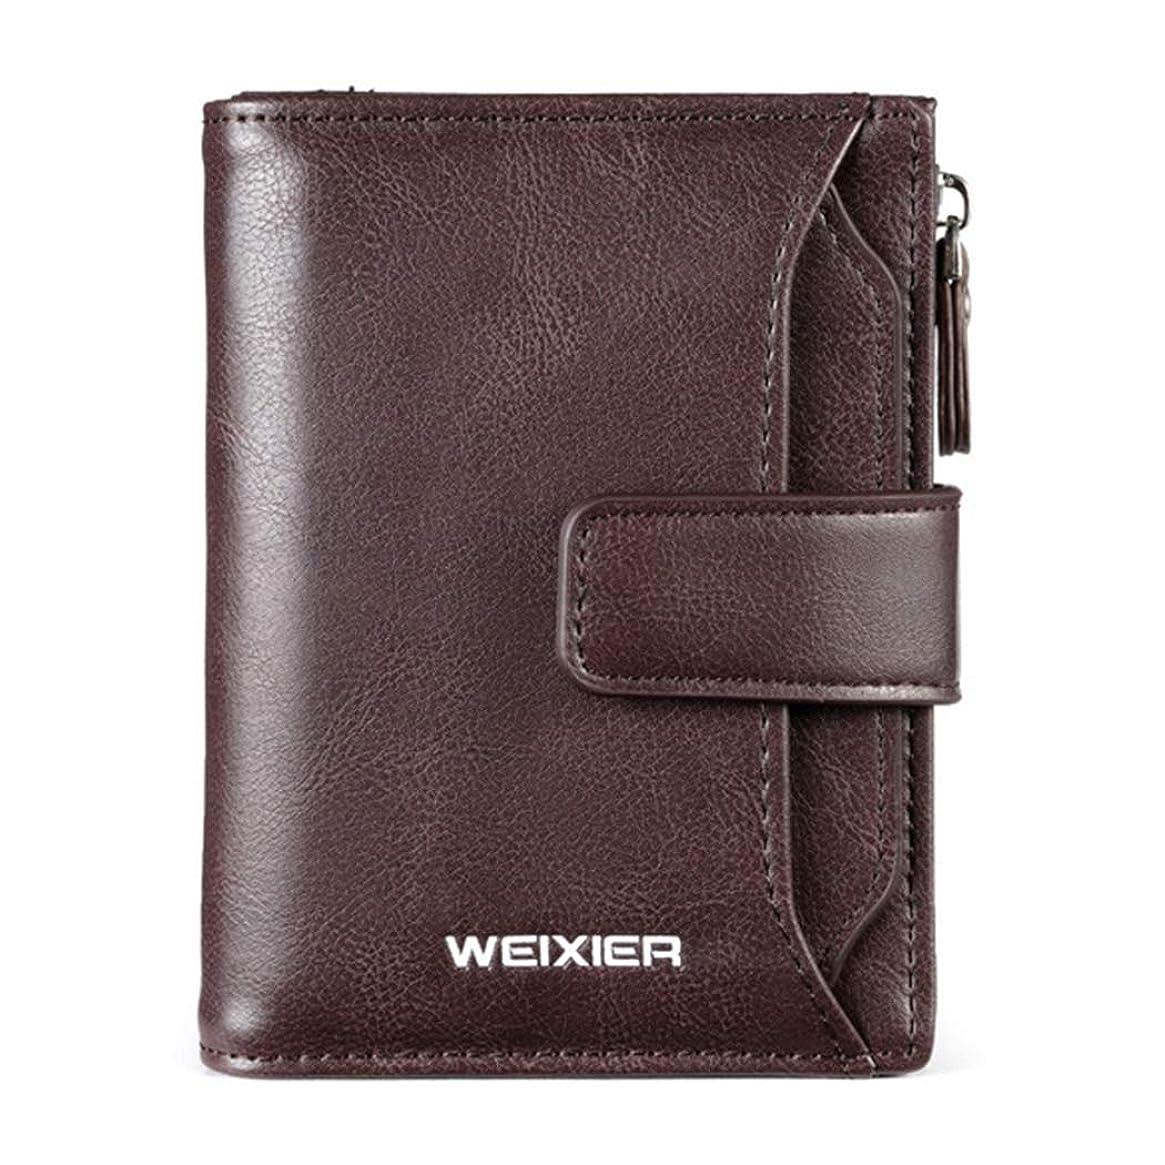 誰がバクテリアチョークWEIXIER-bagメンズ革財布ハンドメイドスリムメンズ財布メンズ財布短い多機能財布メンズ本革二つ折り財布革財布